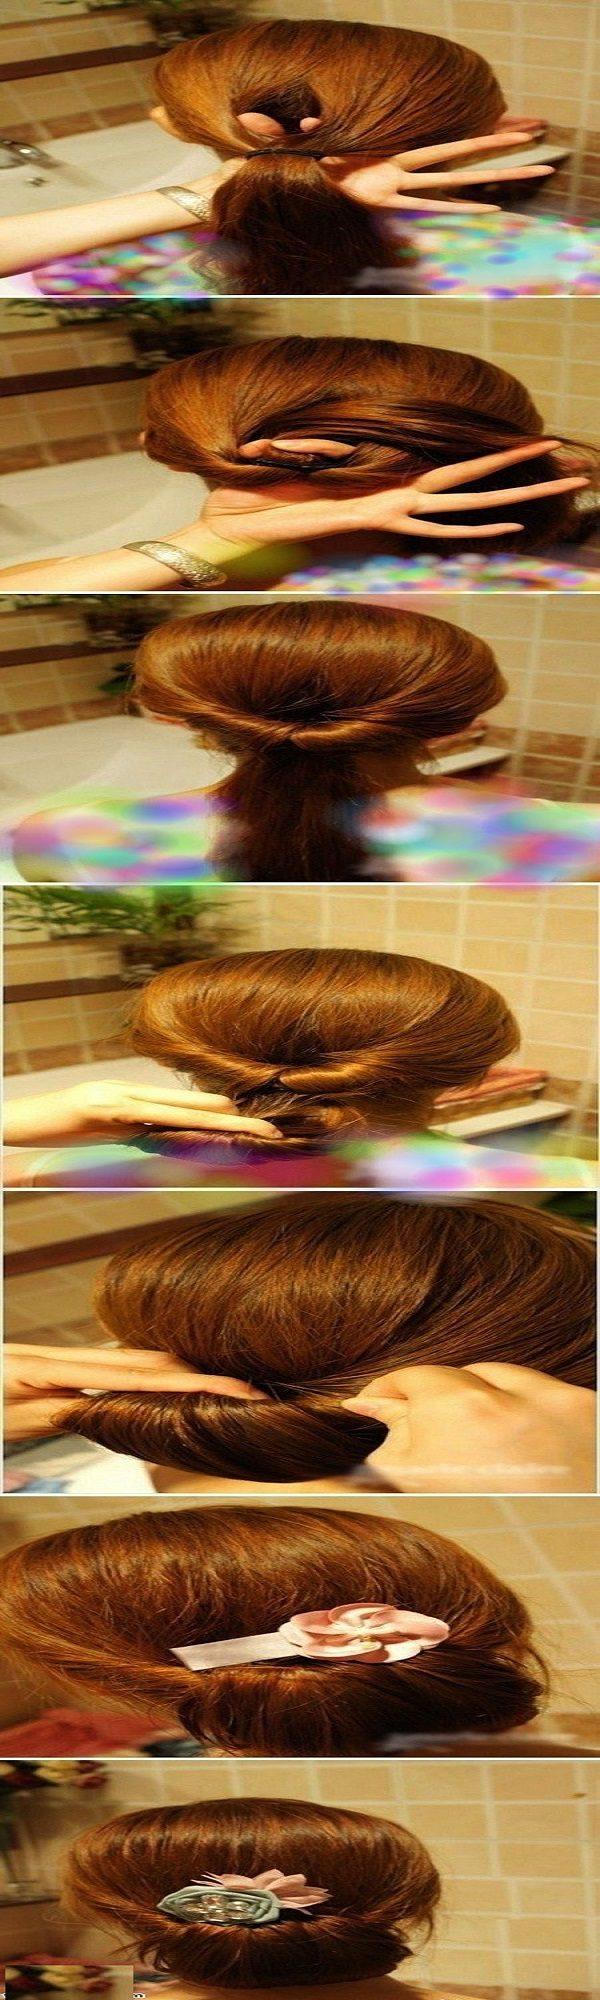 آموزش بستن مو مدل ساده